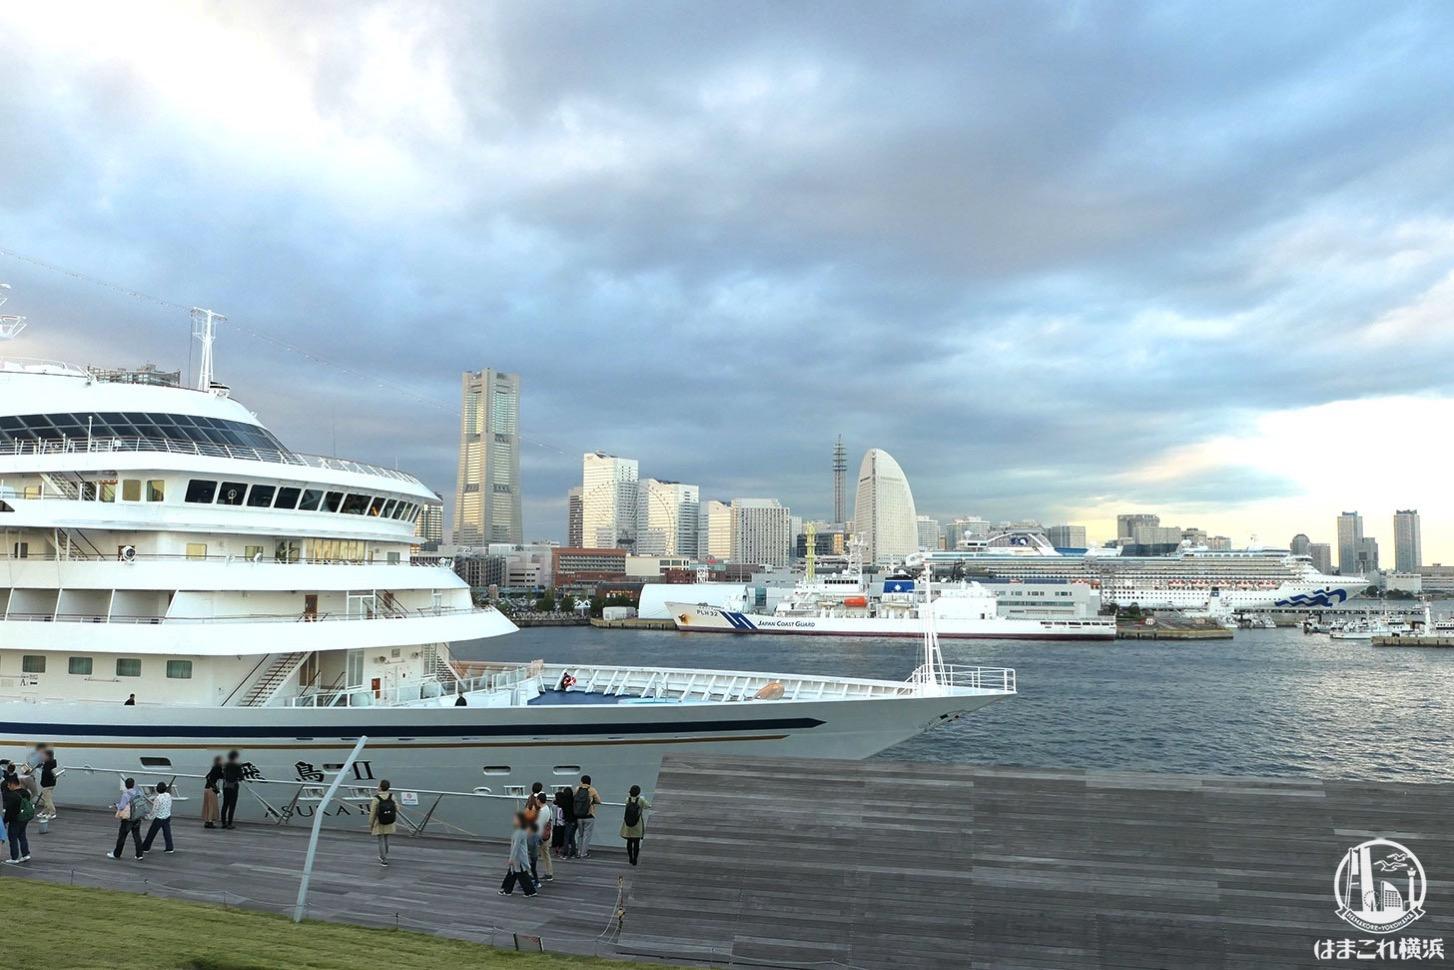 横浜港大さん橋国際客船ターミナルから見た飛鳥Ⅱとダイヤモンド・プリンセス